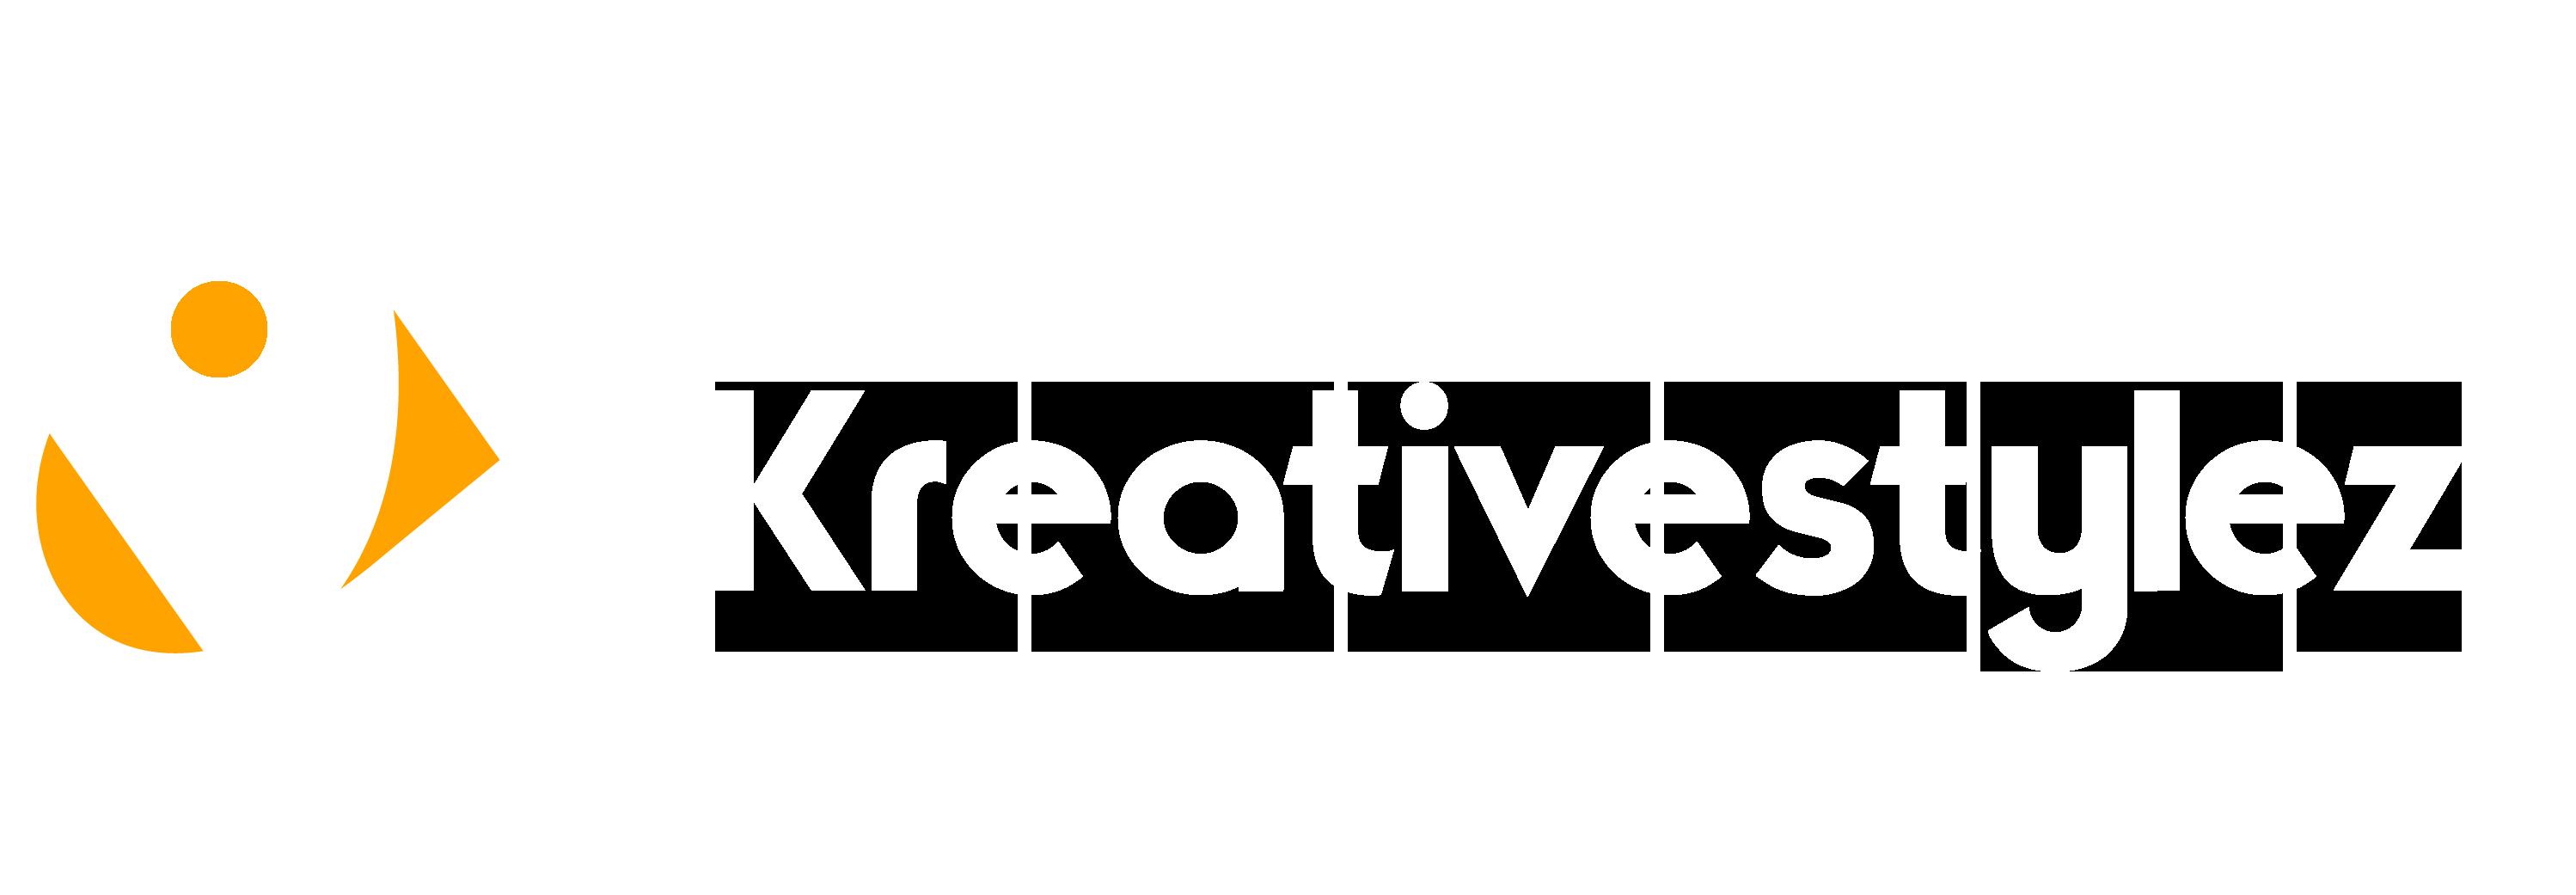 KreativeStylez